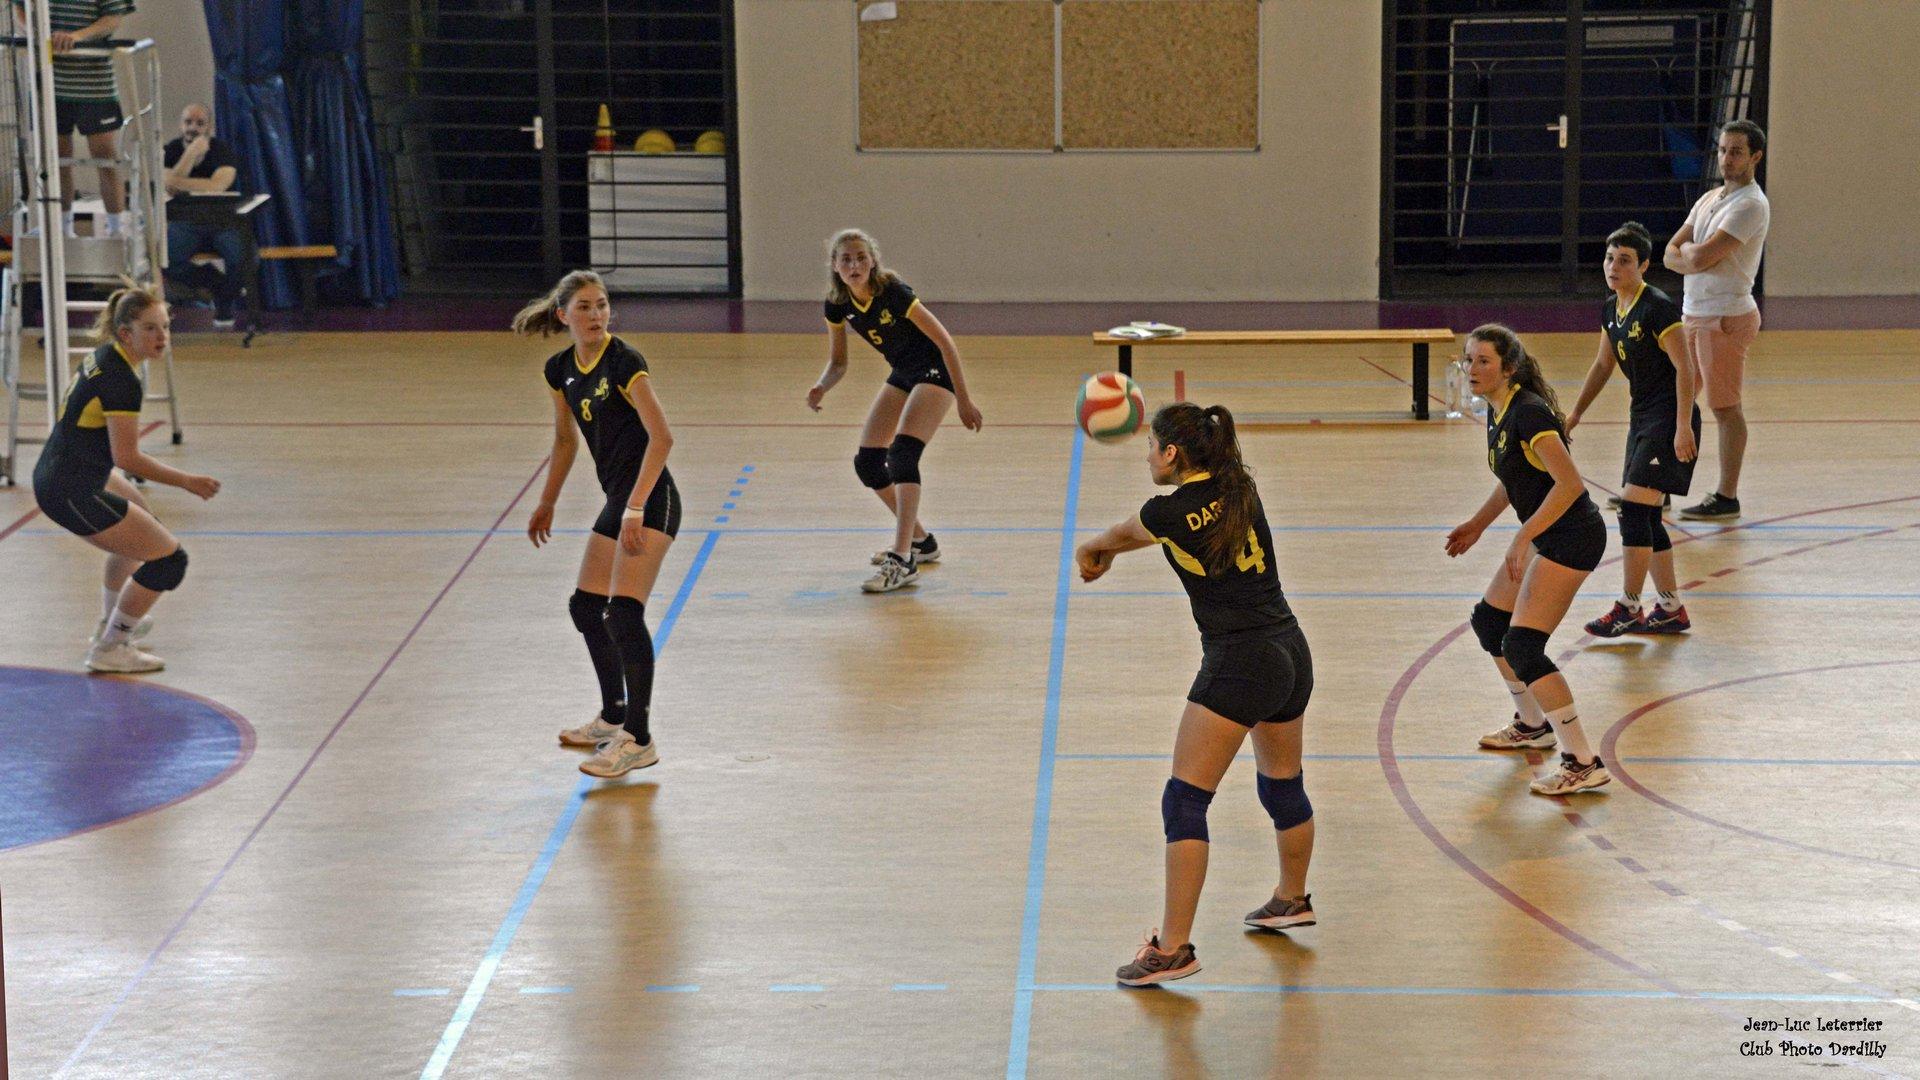 08_Volley_25_JLL_DSC8184